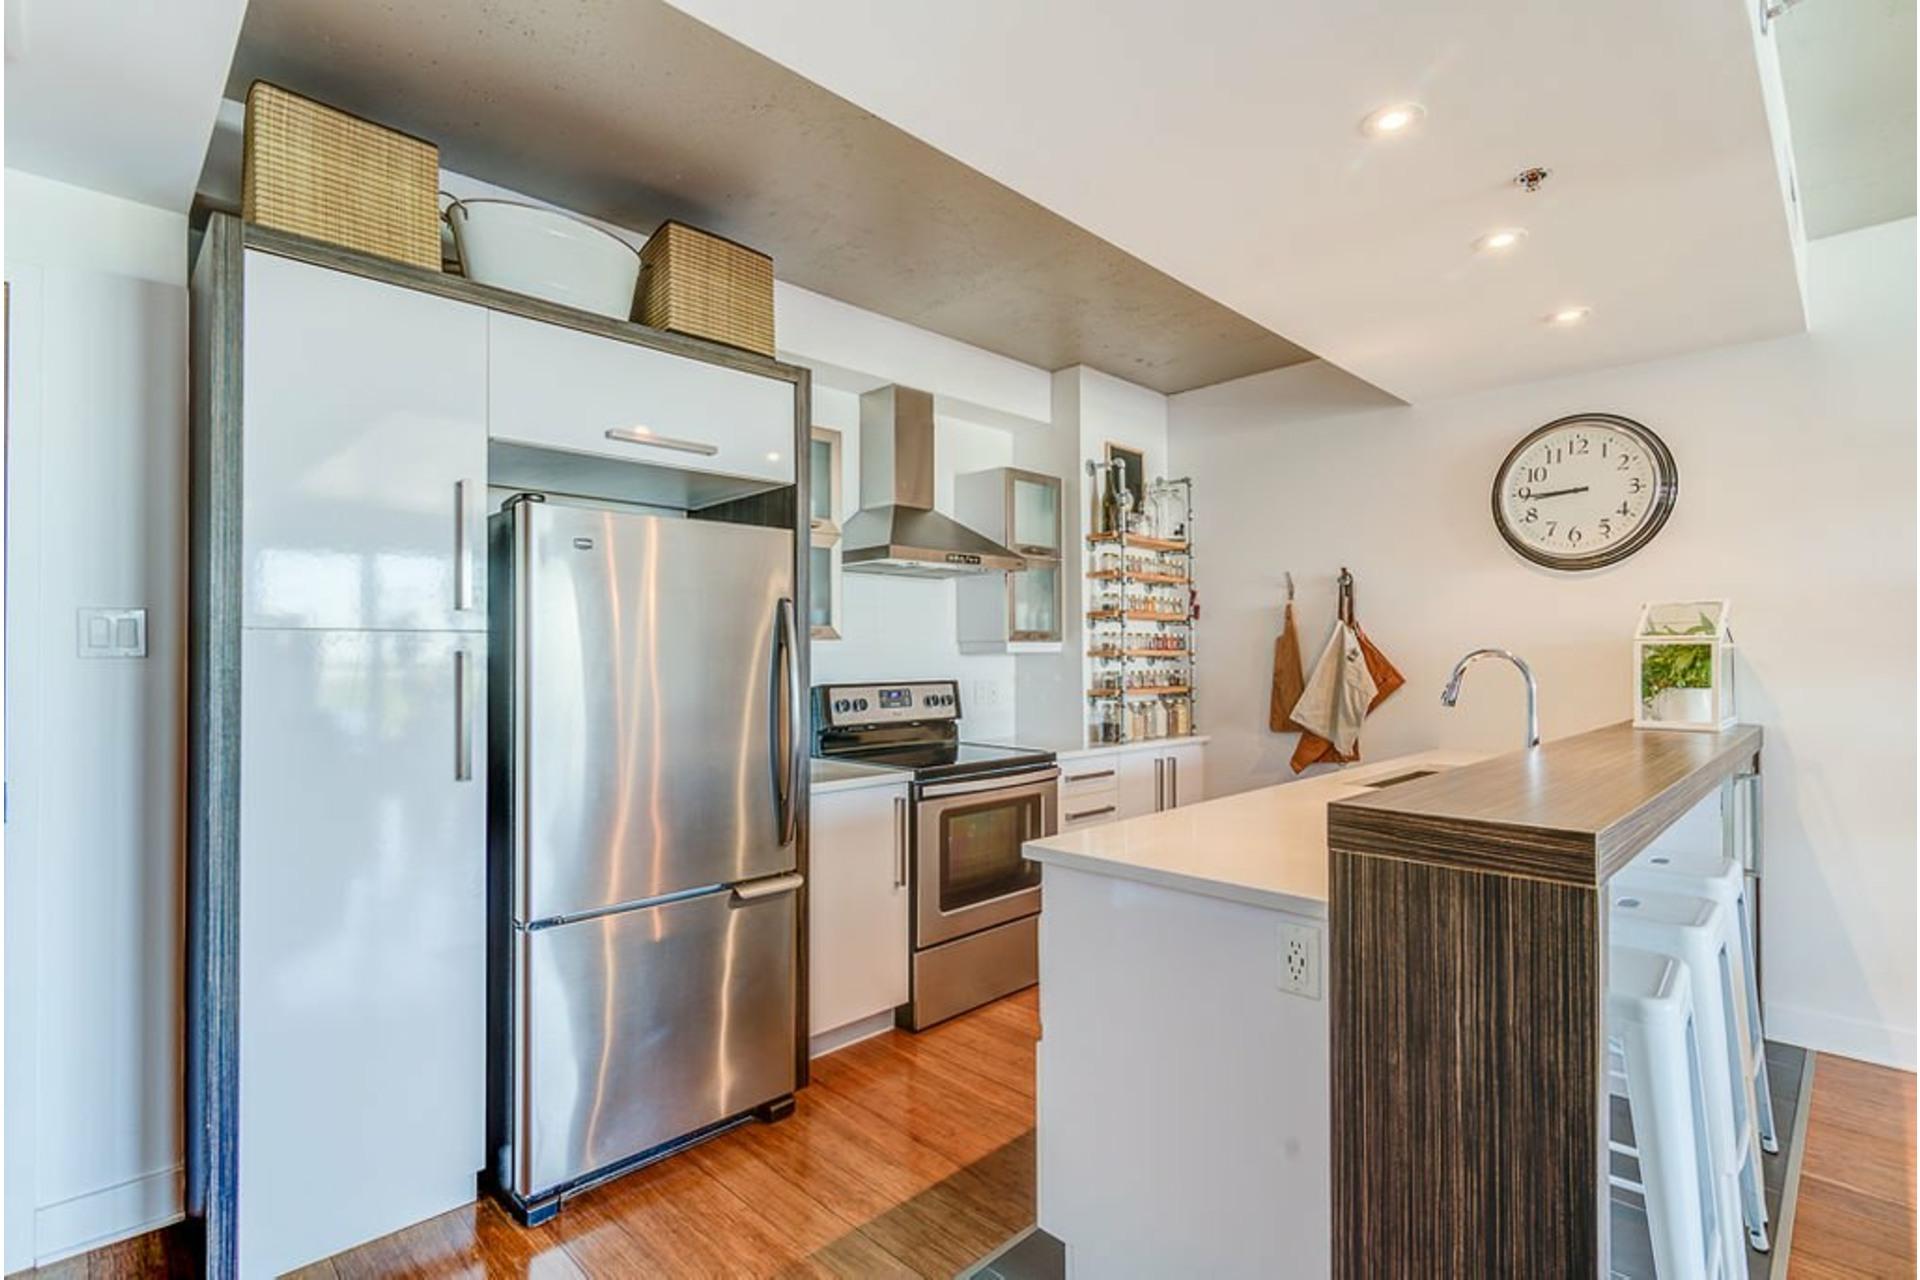 image 8 - Apartment For sale Villeray/Saint-Michel/Parc-Extension Montréal  - 4 rooms